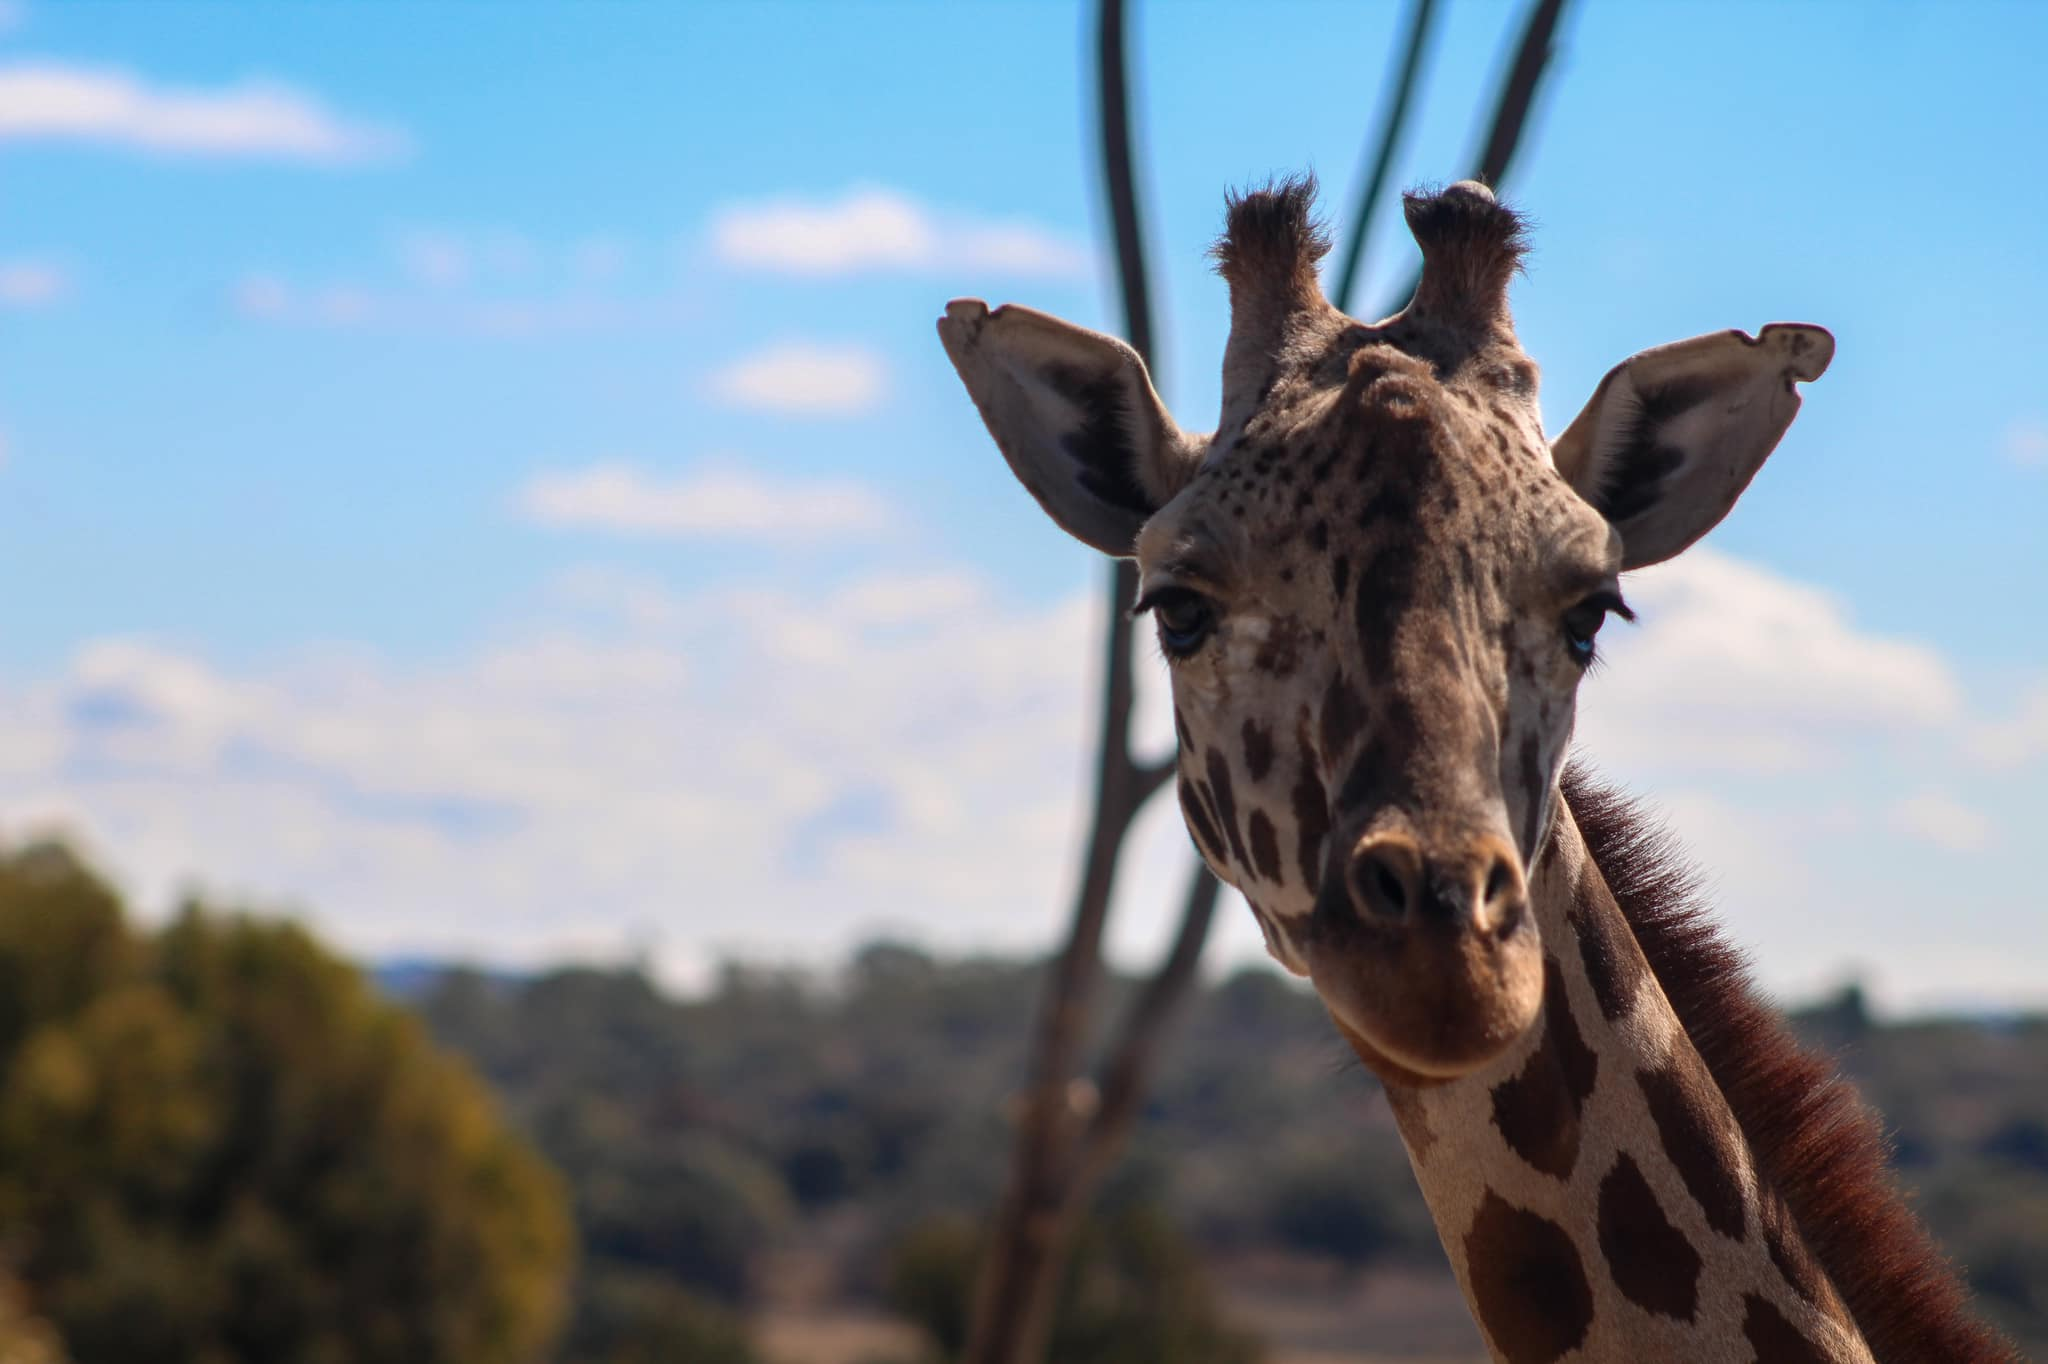 ¿Cuándo y a qué hora puedes visitar Africam Safari?